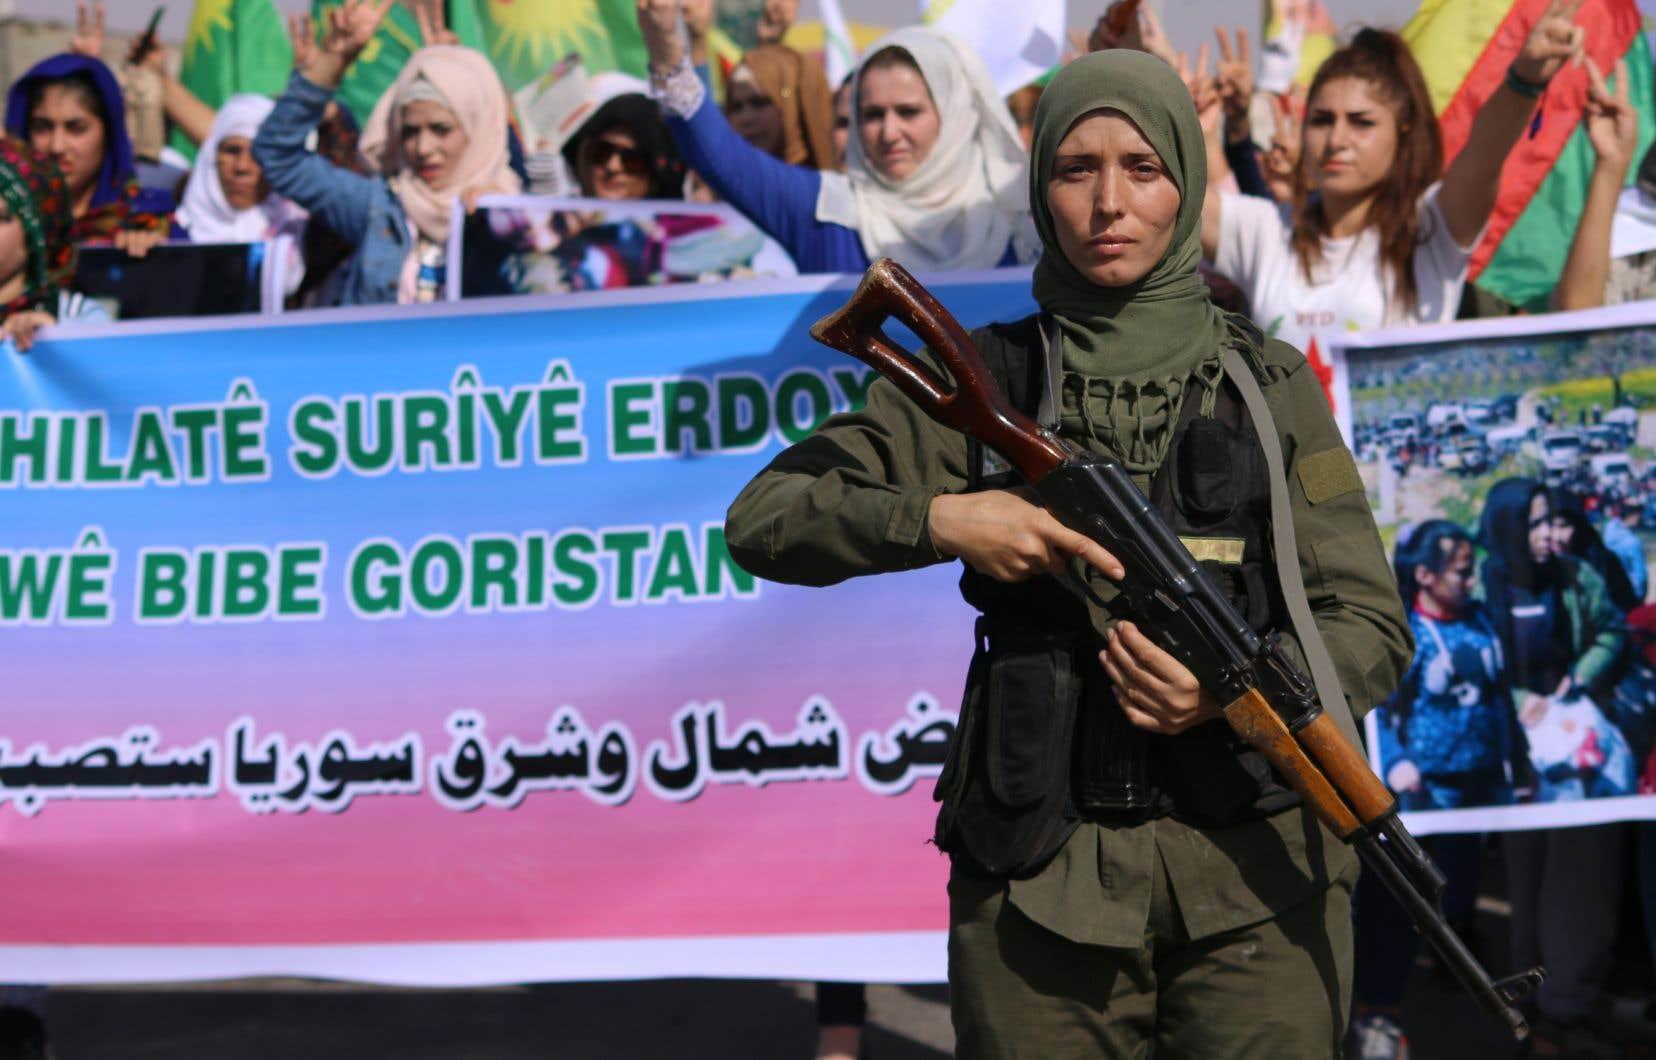 Un membre de la Force de sécurité intérieure kurde monte la garde lors d'une manifestation dans la ville syrienne de Hassaké contre les offensives turques perpétrées dans des villes contrôlées par les Kurdes.